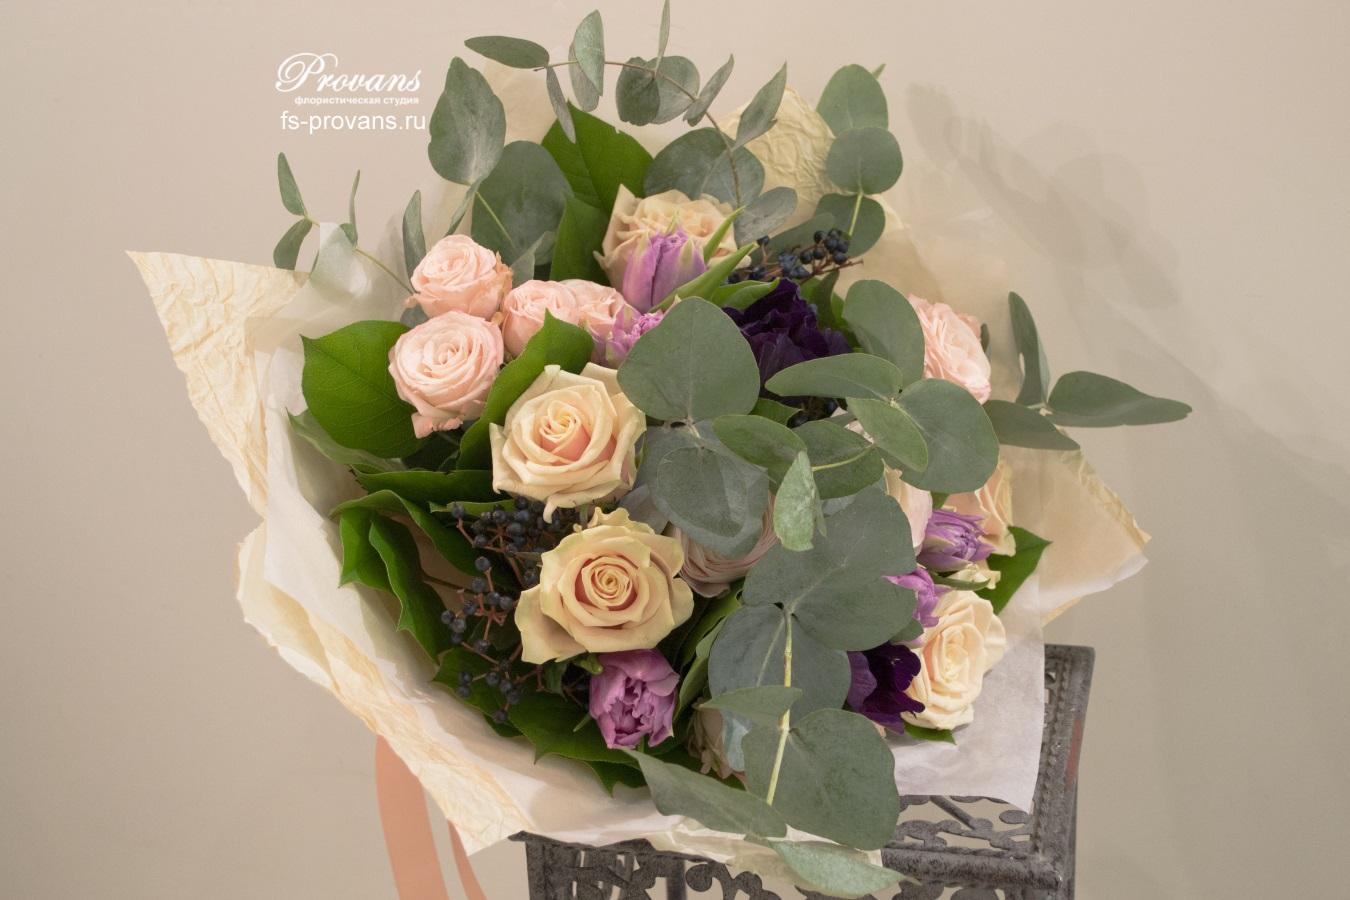 Букет на день рождения. Розы, тюльпаны, анемоны